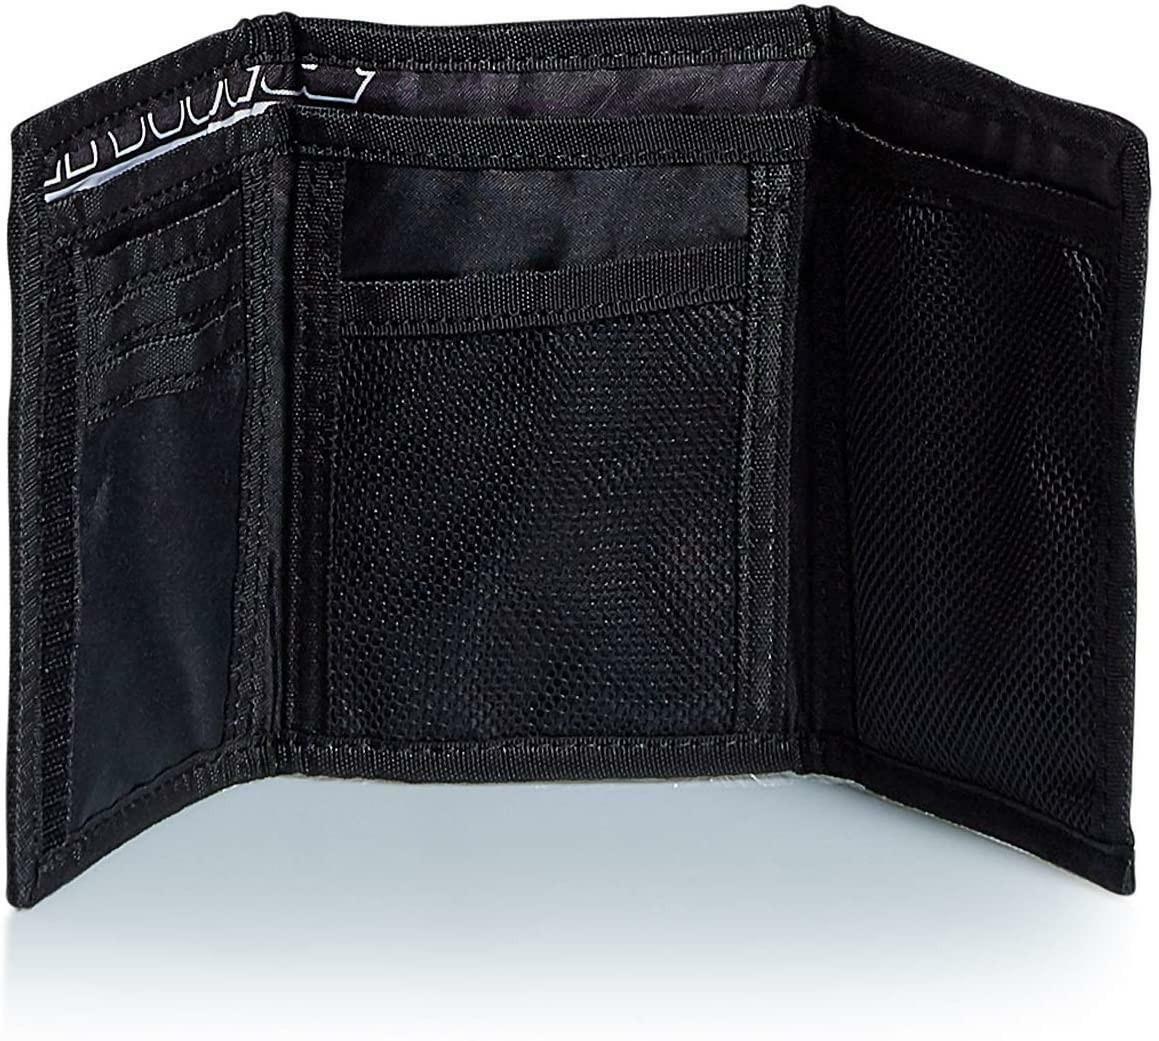 seven invicta portafoglio clip straps